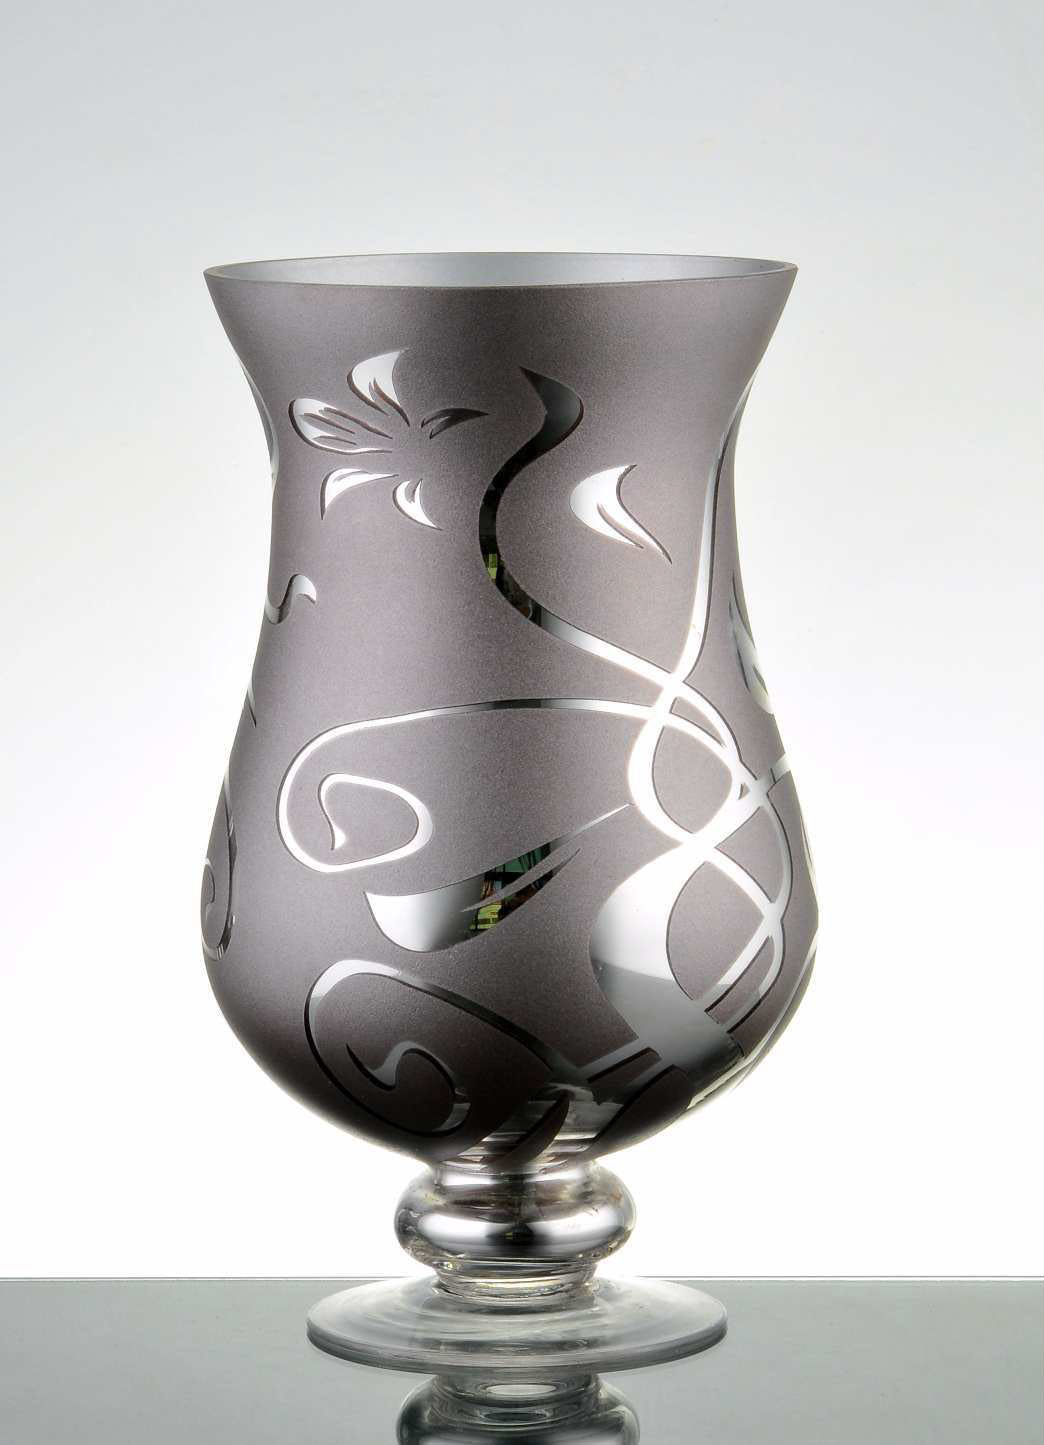 http://shop4you24h.de/Ebay-Bilder/vase/vase_glas_braun_silber_30426_01.jpg